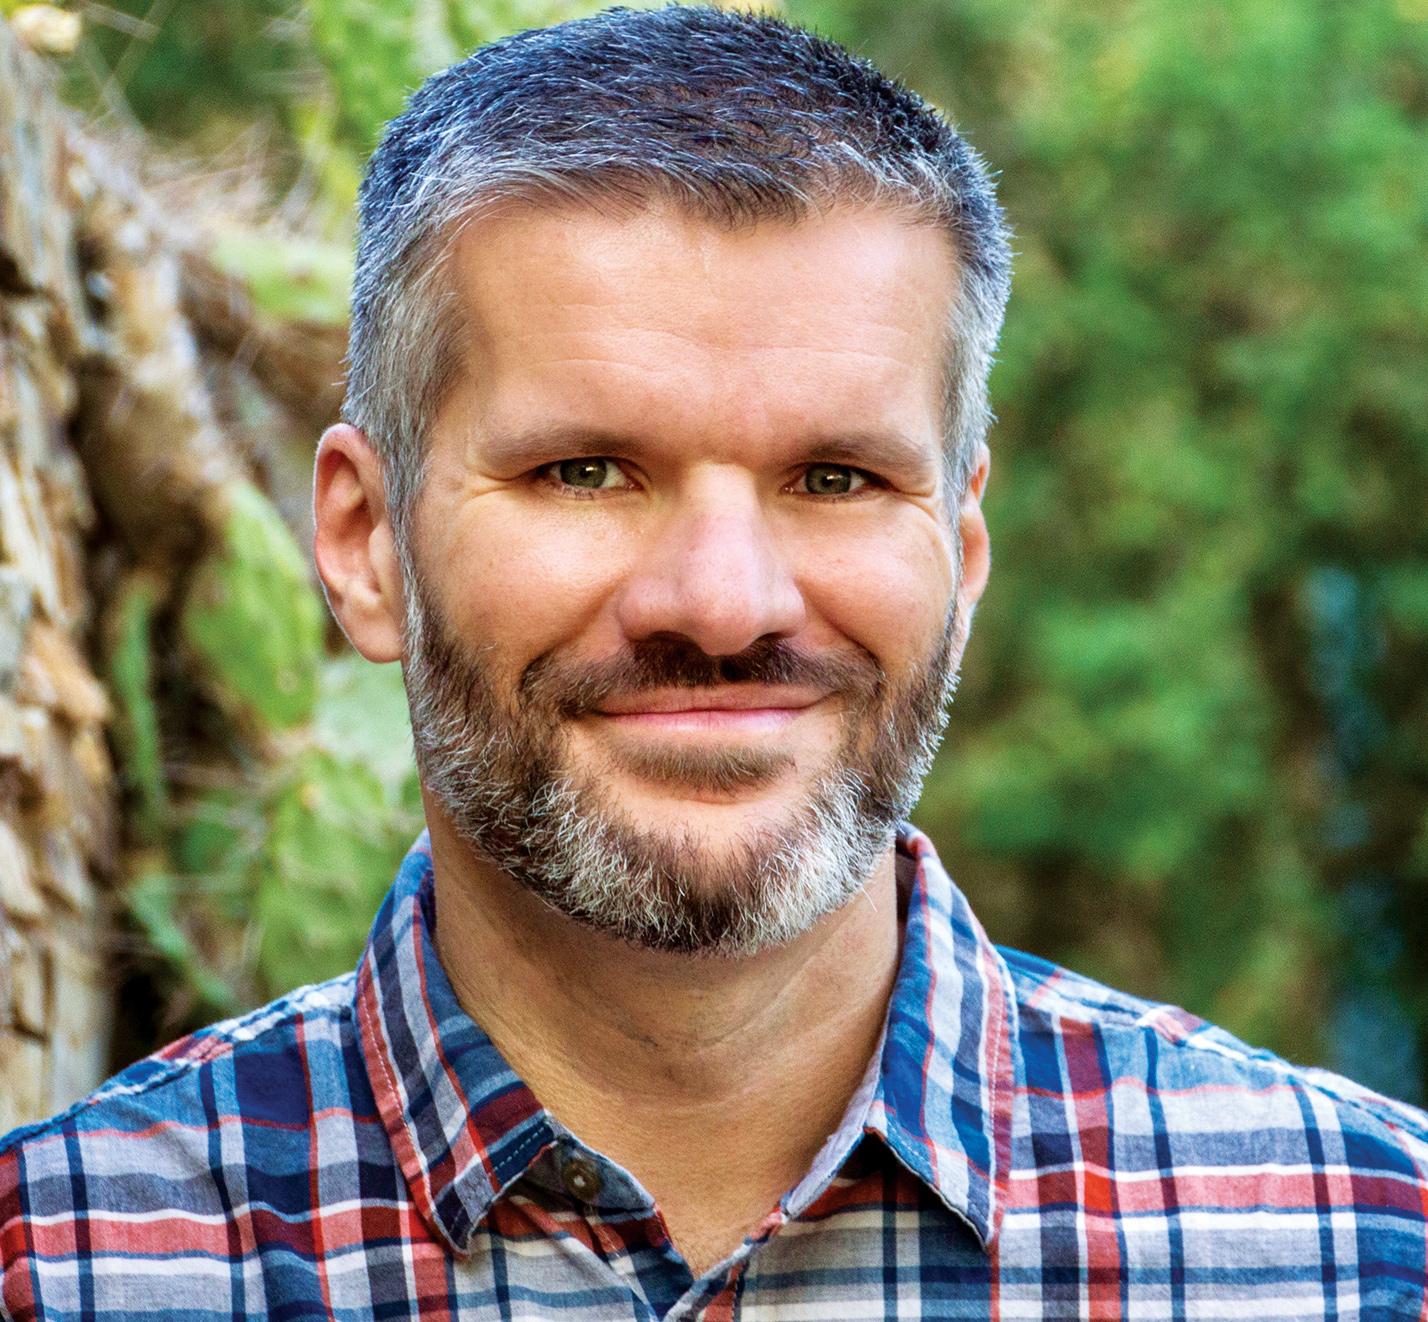 PW Talks with Matt Bell